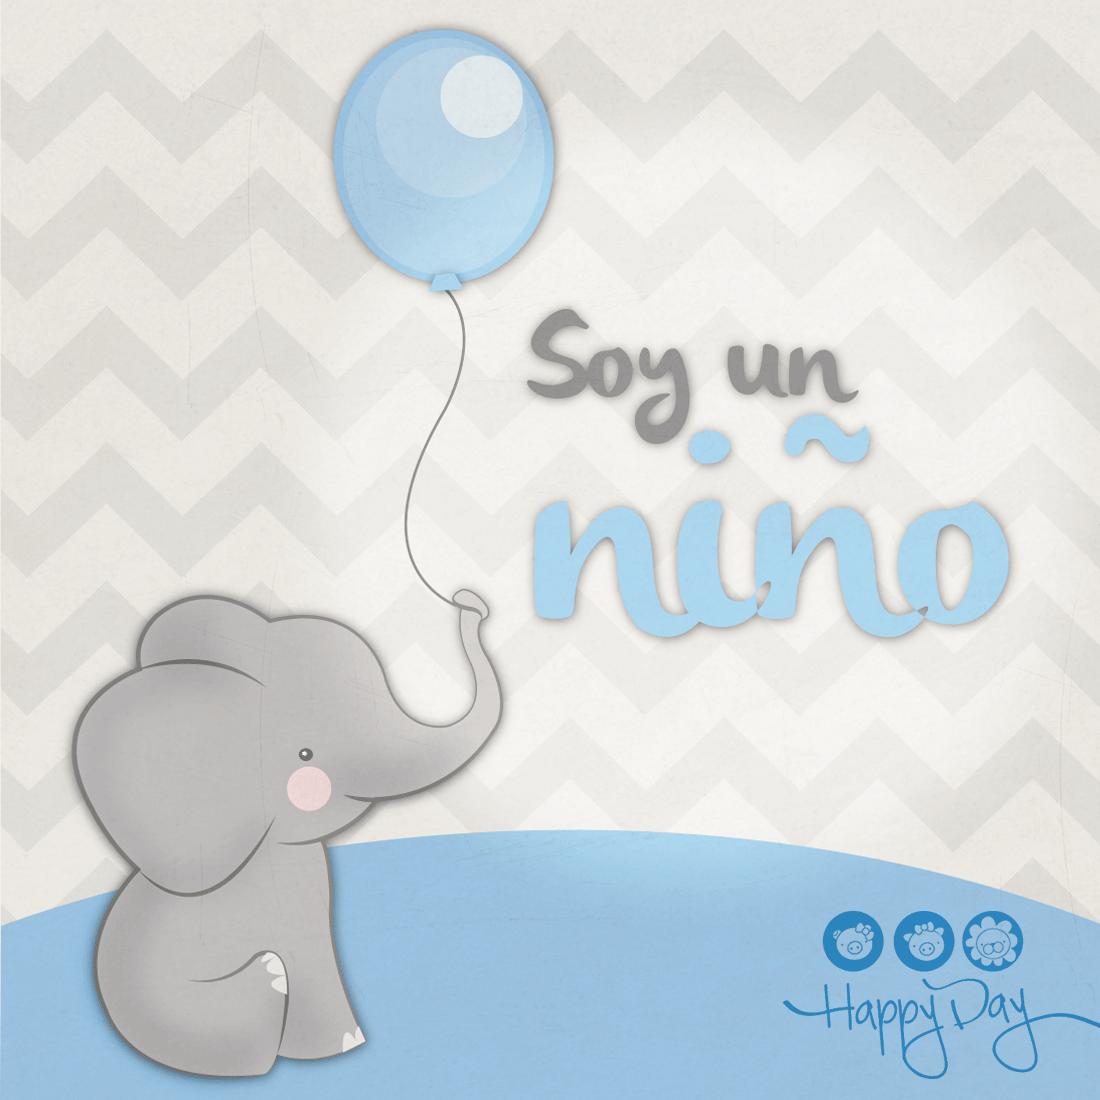 Elefante beb baby shower decoraci n de fiestas - Fotos de elefantes bebes ...